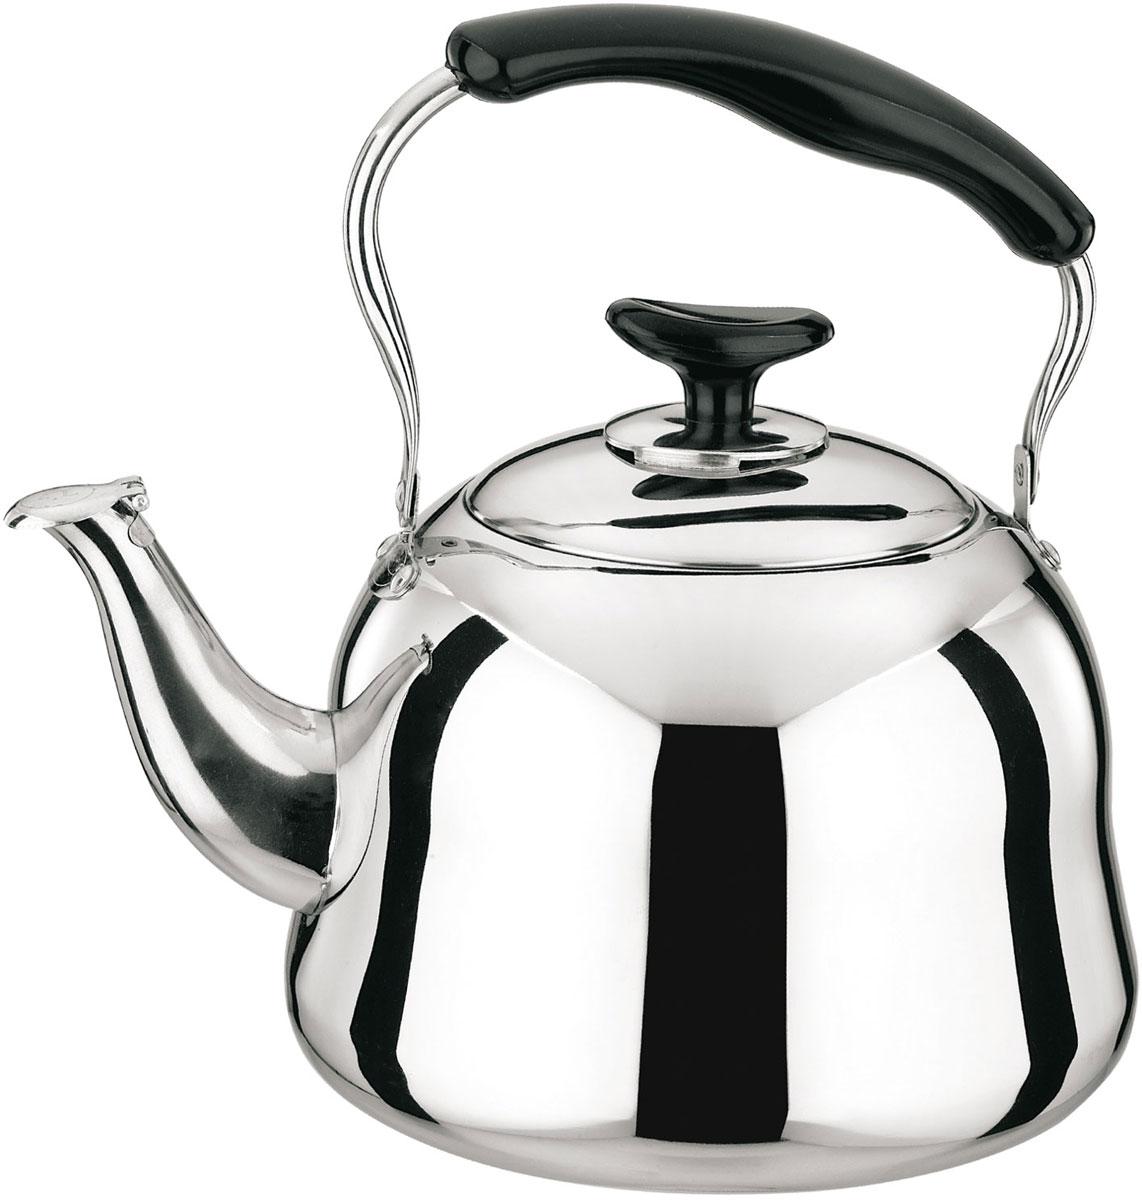 Чайник Rainstahl, цвет: стальной, 3 л. 3505-30RS/KL stahlberg rg чайник для кипячения воды 7 0 л